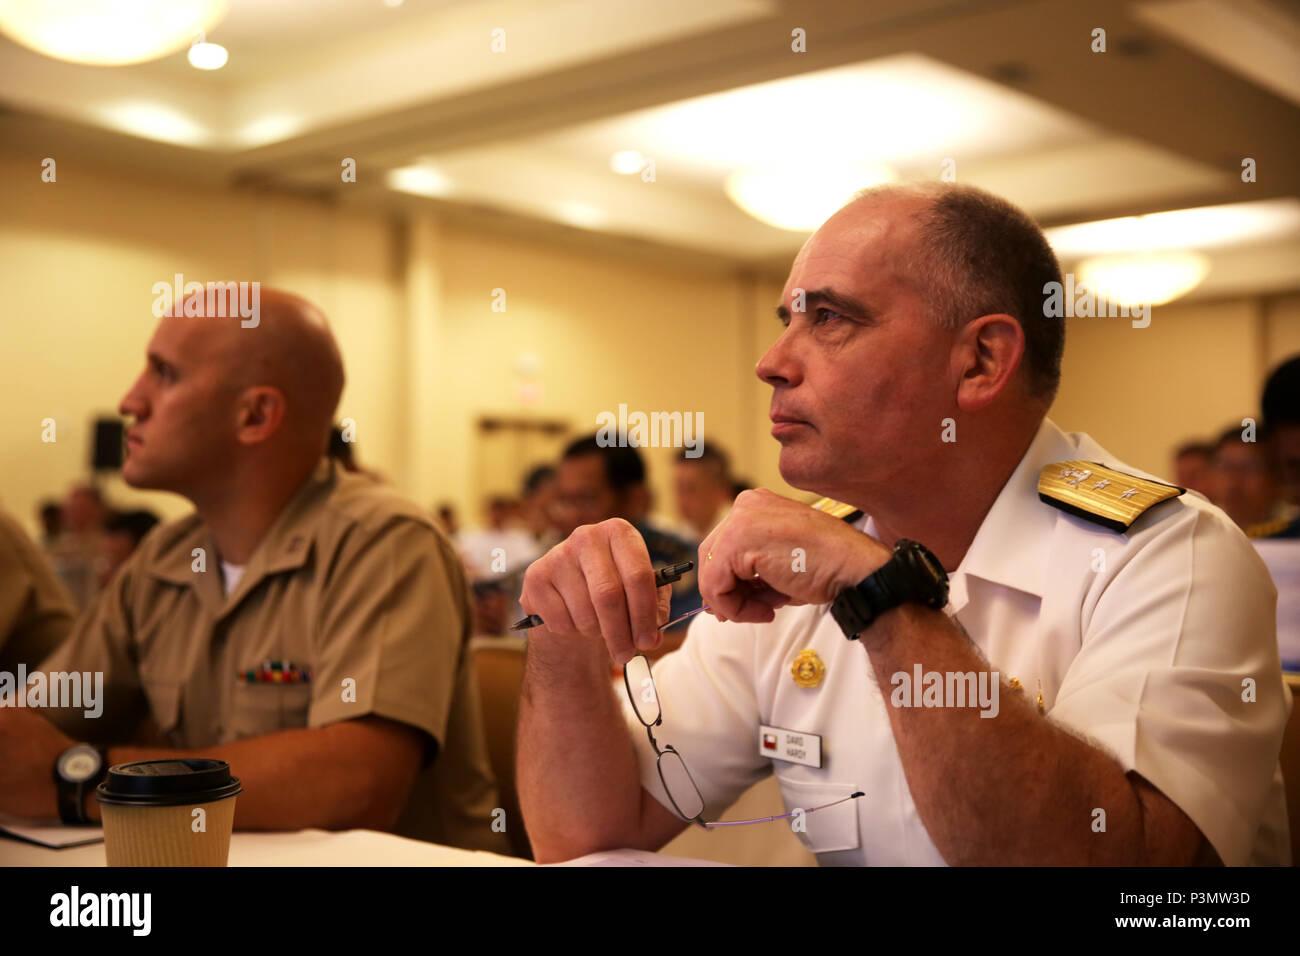 SAN DIEGO, Californie - Le Contre-amiral David A. Hardy, le général commandant du Corps des marines chilienne, prend part à la commande du Pacifique 2016 Symposium Leaders amphibie Conference à San Diego, Californie, le 11 juillet 2016. PALS rassemble des hauts dirigeants des pays alliés et partenaires nations tout au long de l'Indo-Asia Région du Pacifique. Les membres de parler d'aspects clés du transport maritime et les opérations amphibies et l'interopérabilité. (U.S. Marine Corps photo par le Cpl. Demetrius Morgan/ libéré) Banque D'Images